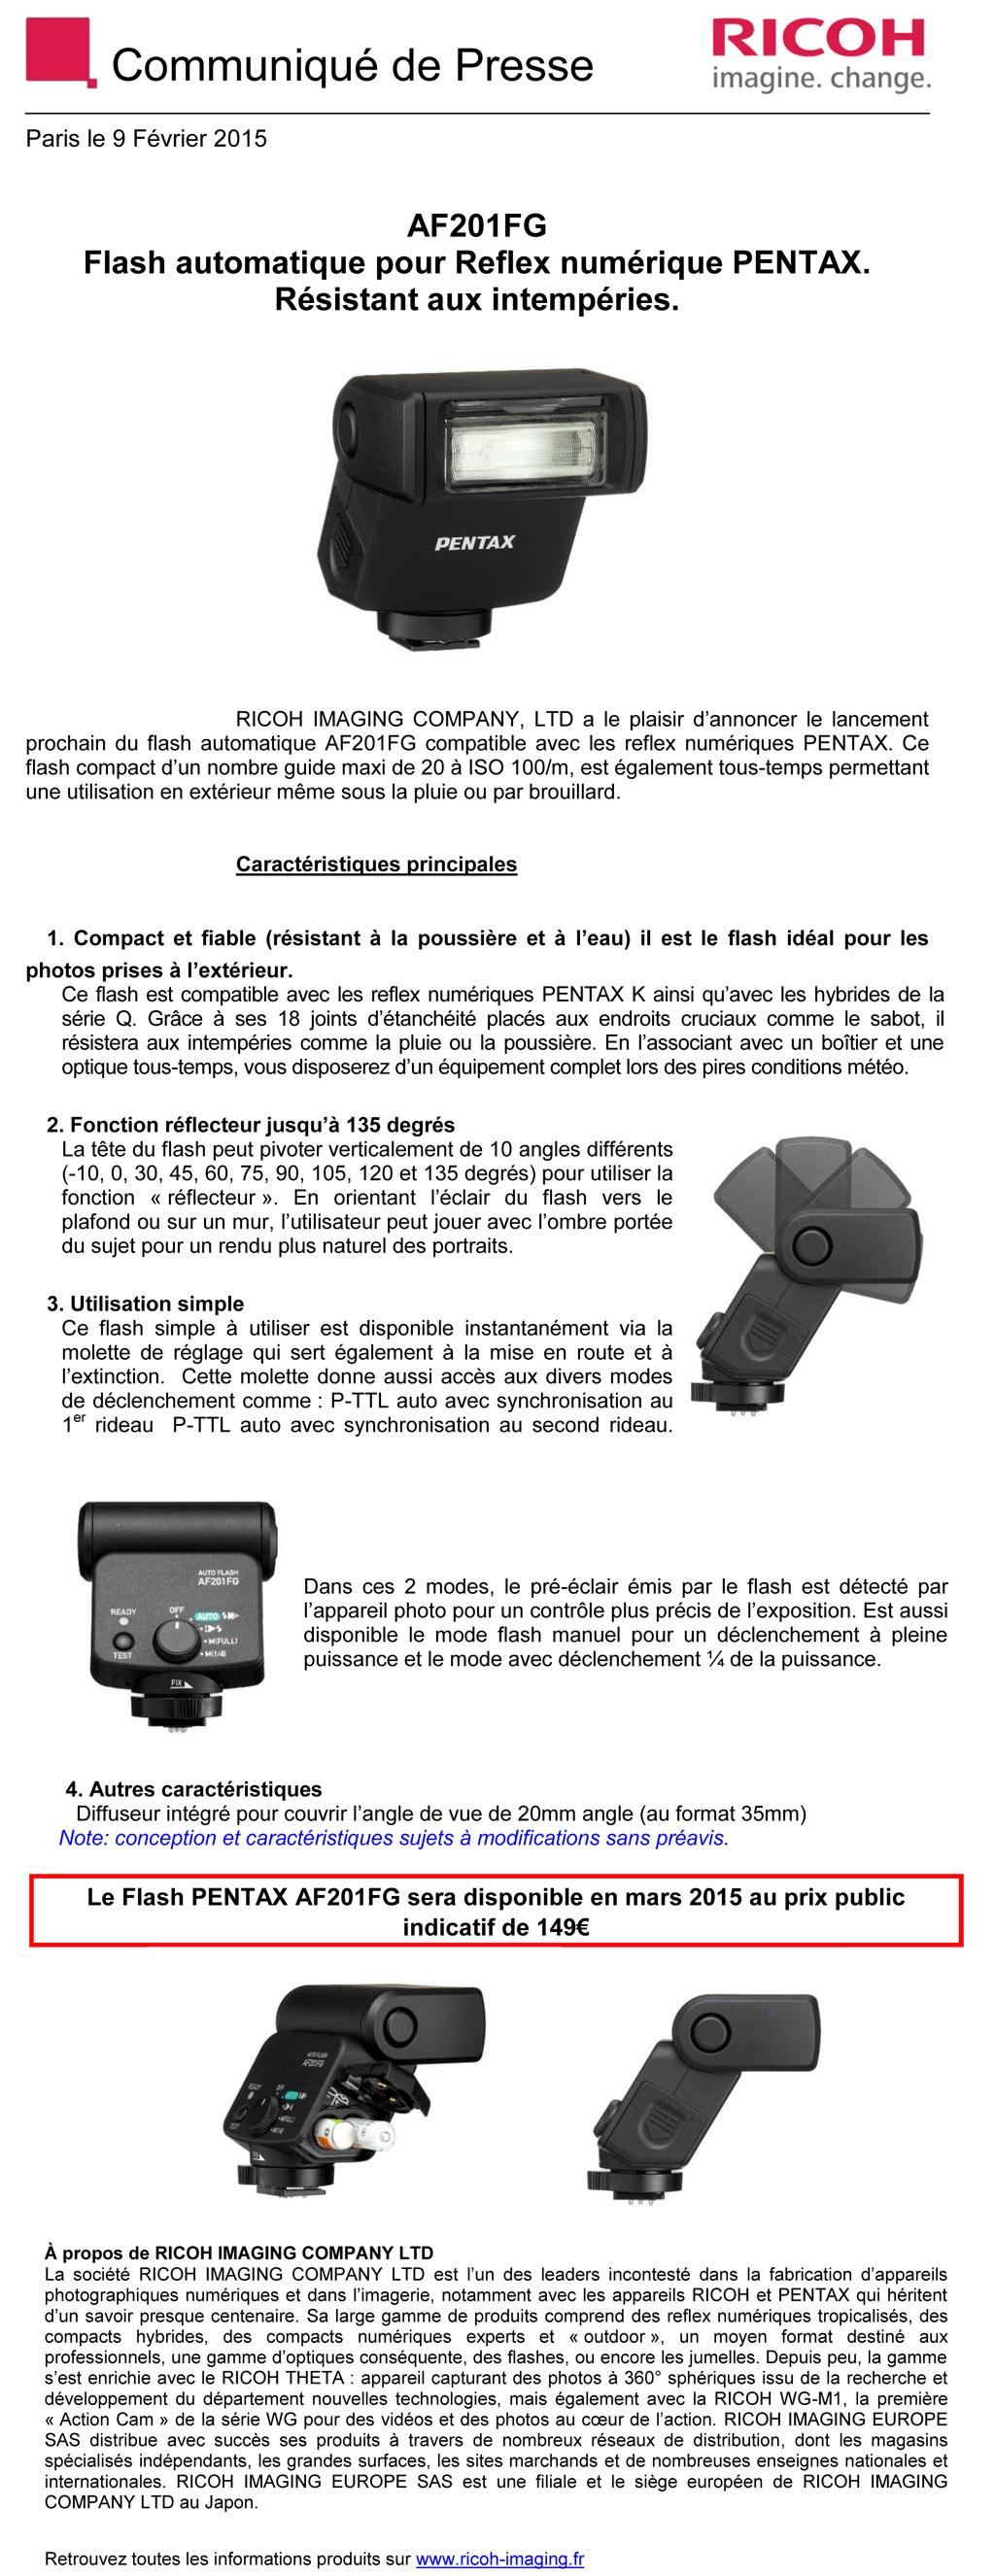 PENTAX RICOH IMAGING - Communiqué de Presse 09/02/2015 - Flash PENTAX AF201FG 3UsnoU